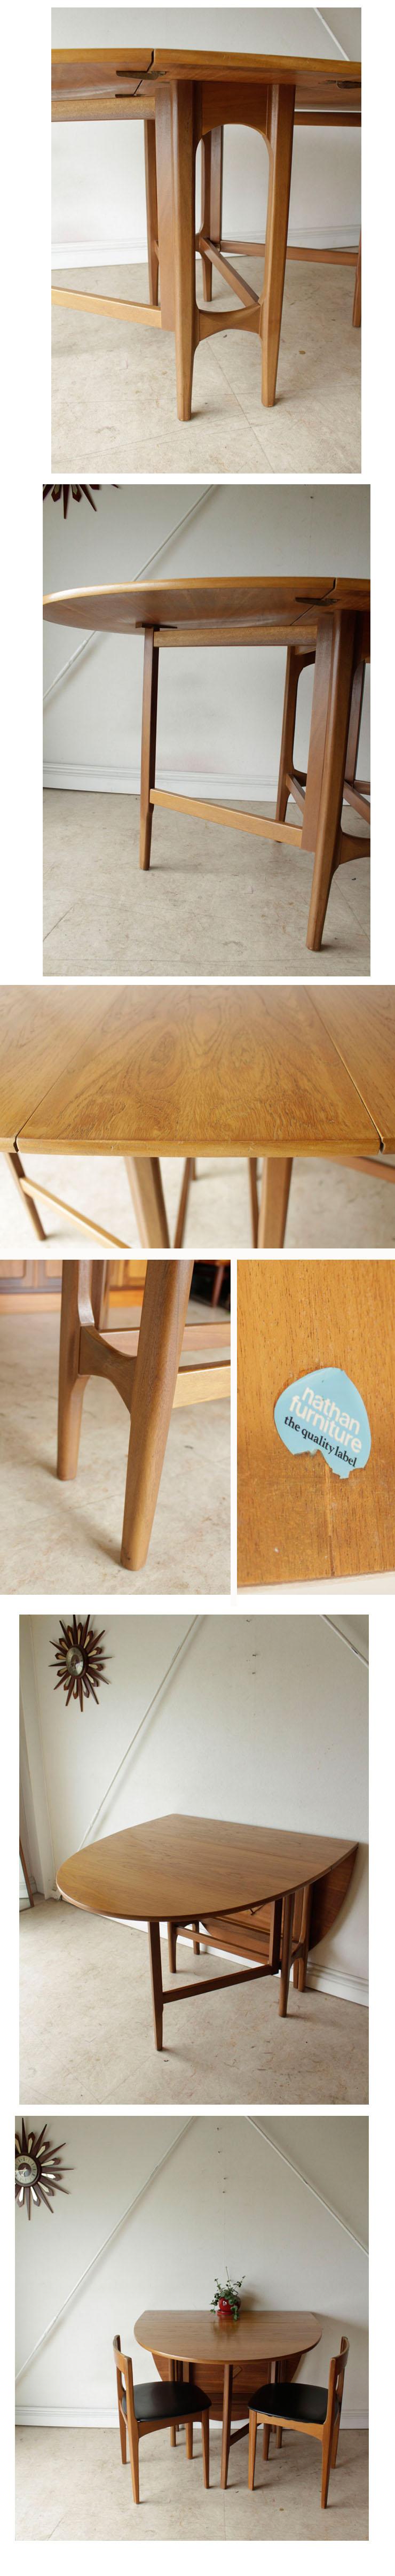 ネイサン・NATHAN・ダイニングテーブル・折畳み・ドロップリーフ/ビンテージ・チーク・アンティーク・ミッドセンチュリー・家具